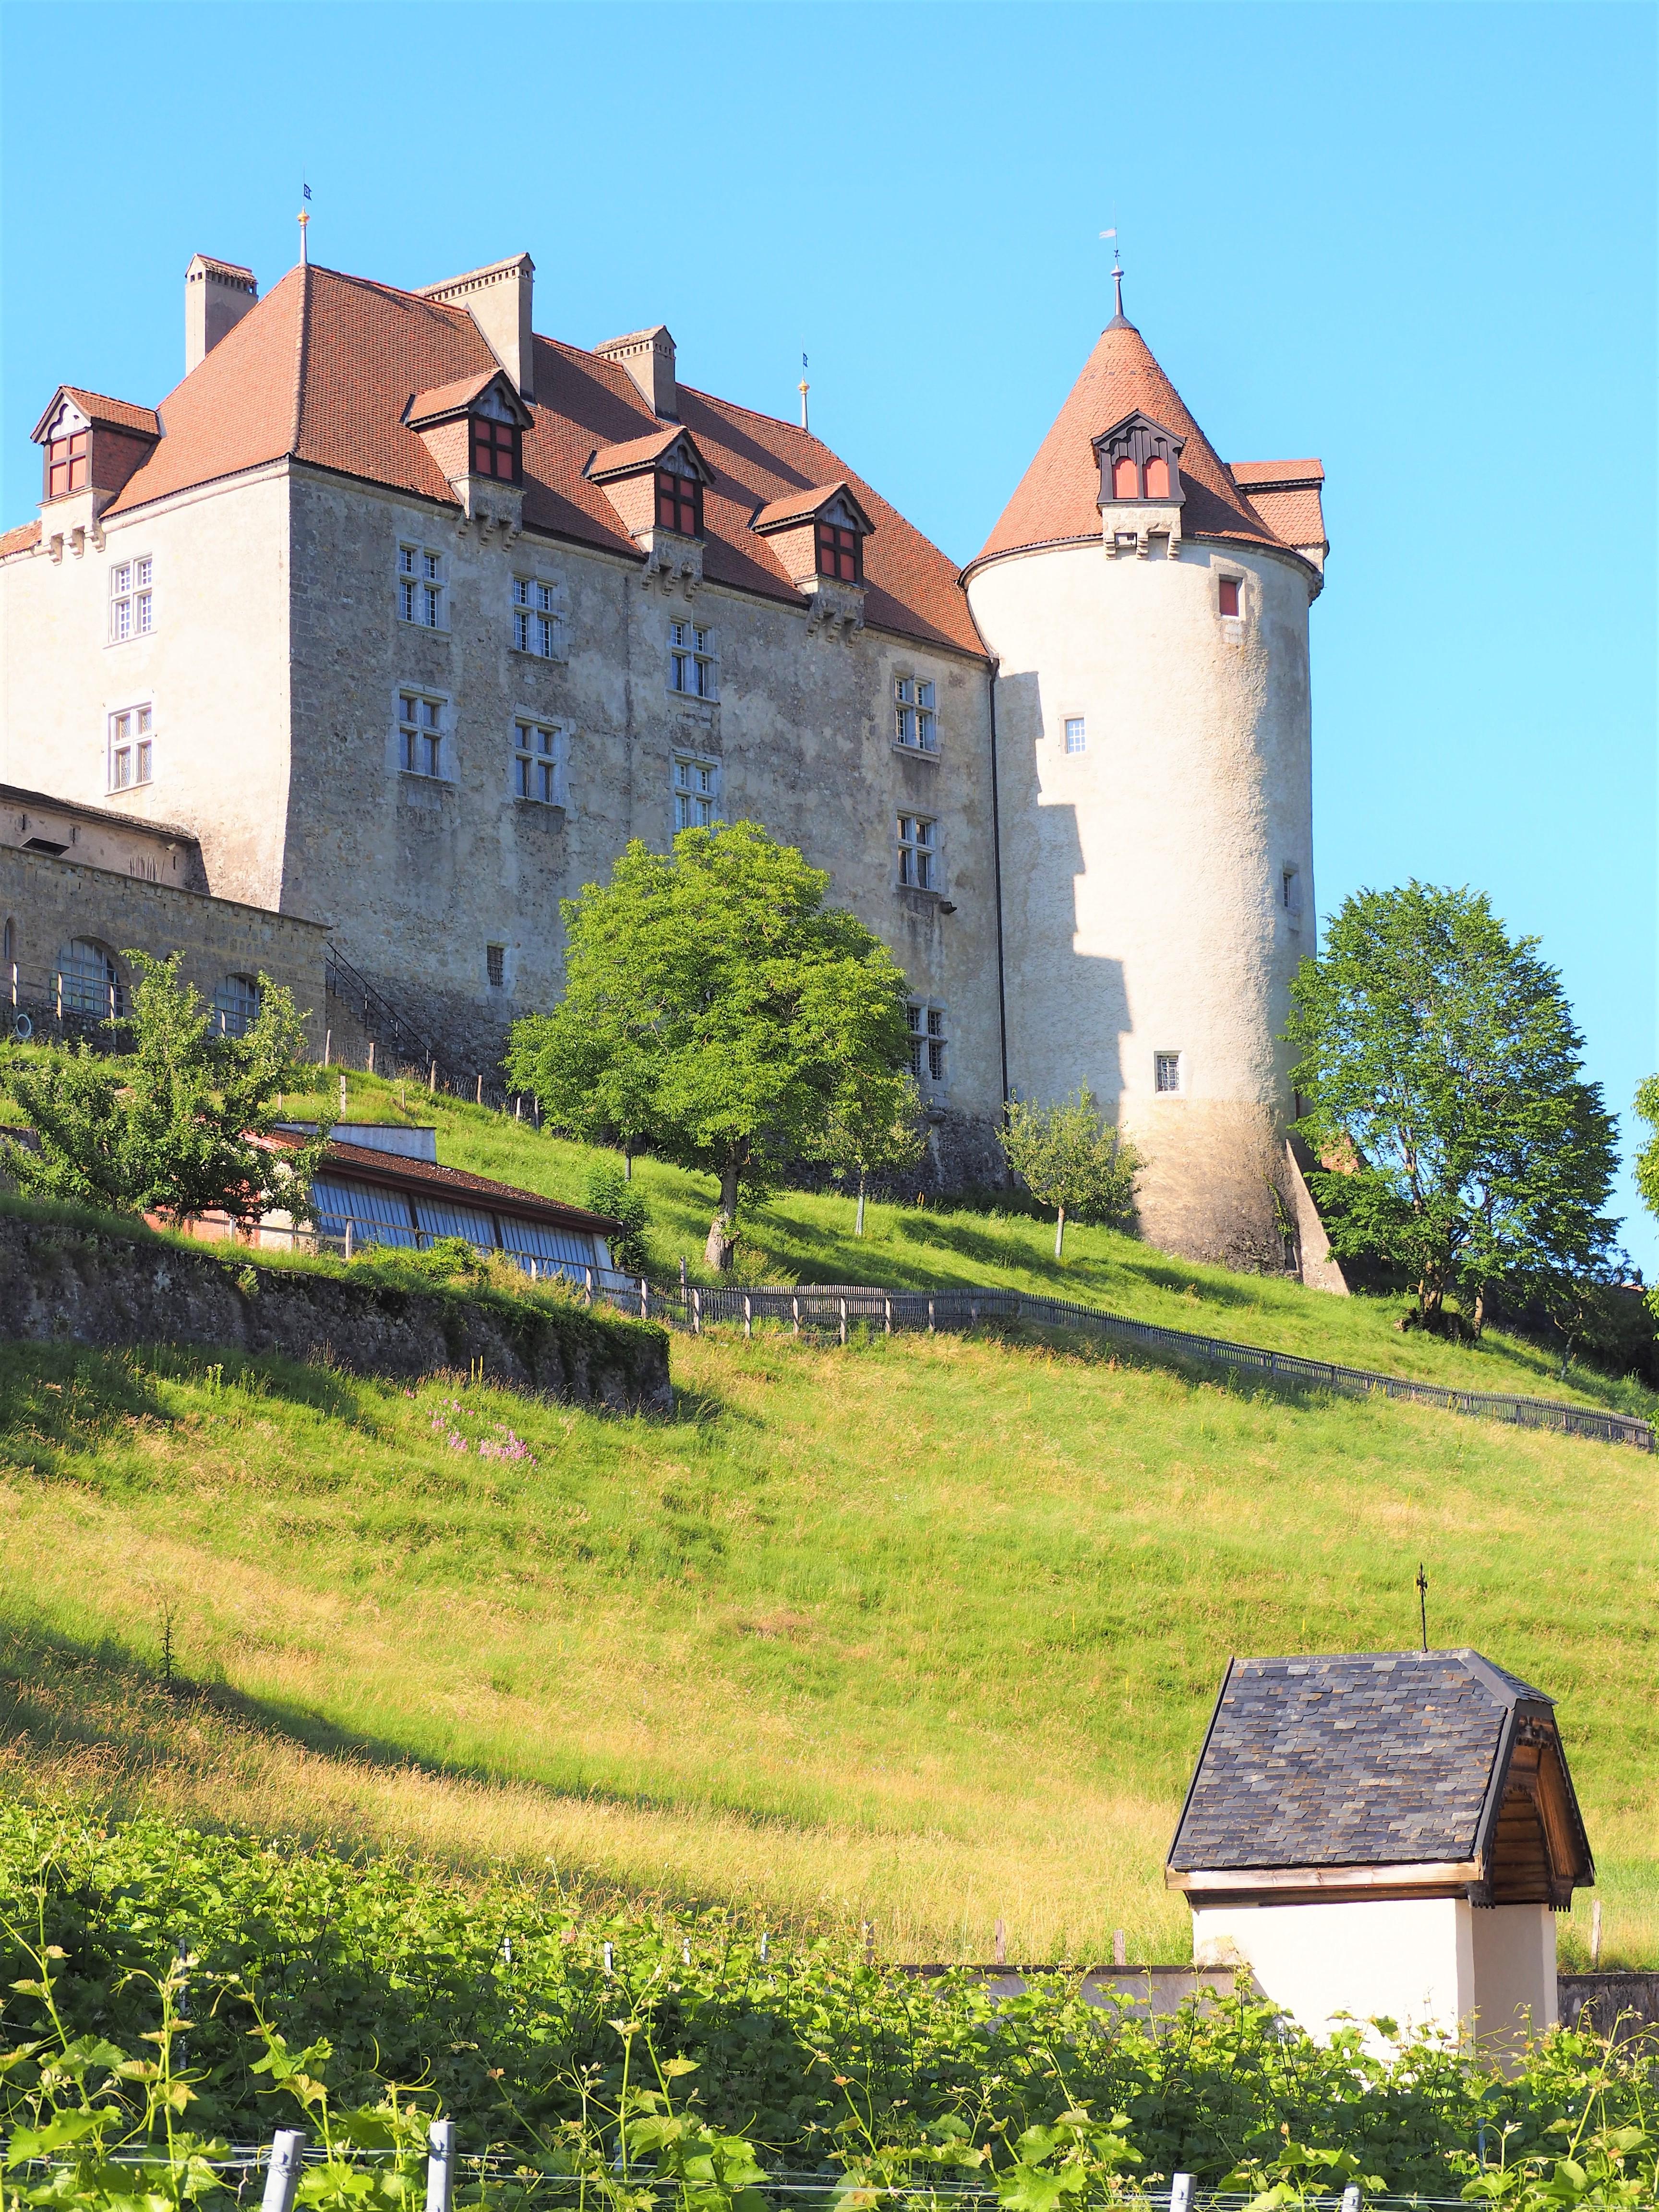 Visiter-Gruyères-canton-de-Fribourg-Suisse-chateau-vue-den-bas-clioandco